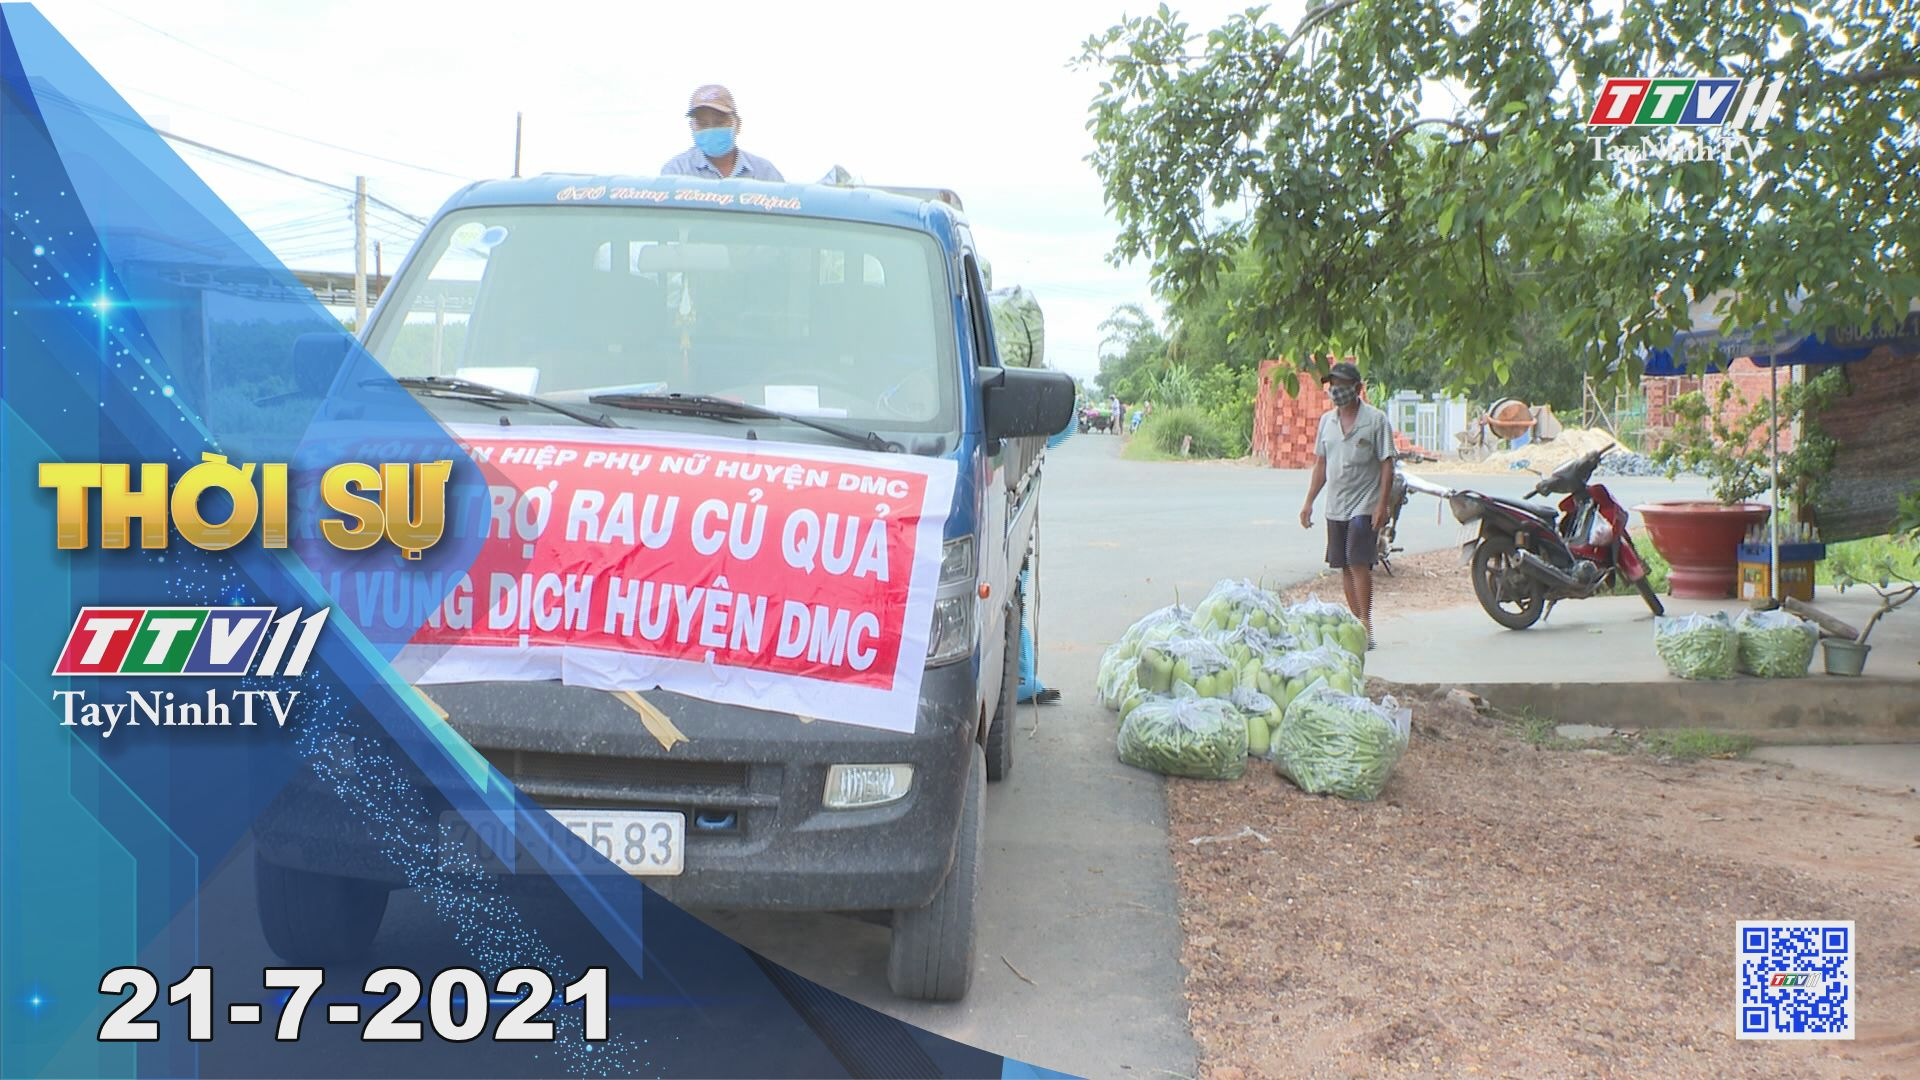 Thời sự Tây Ninh 21-7-2021 | Tin tức hôm nay | TayNinhTV